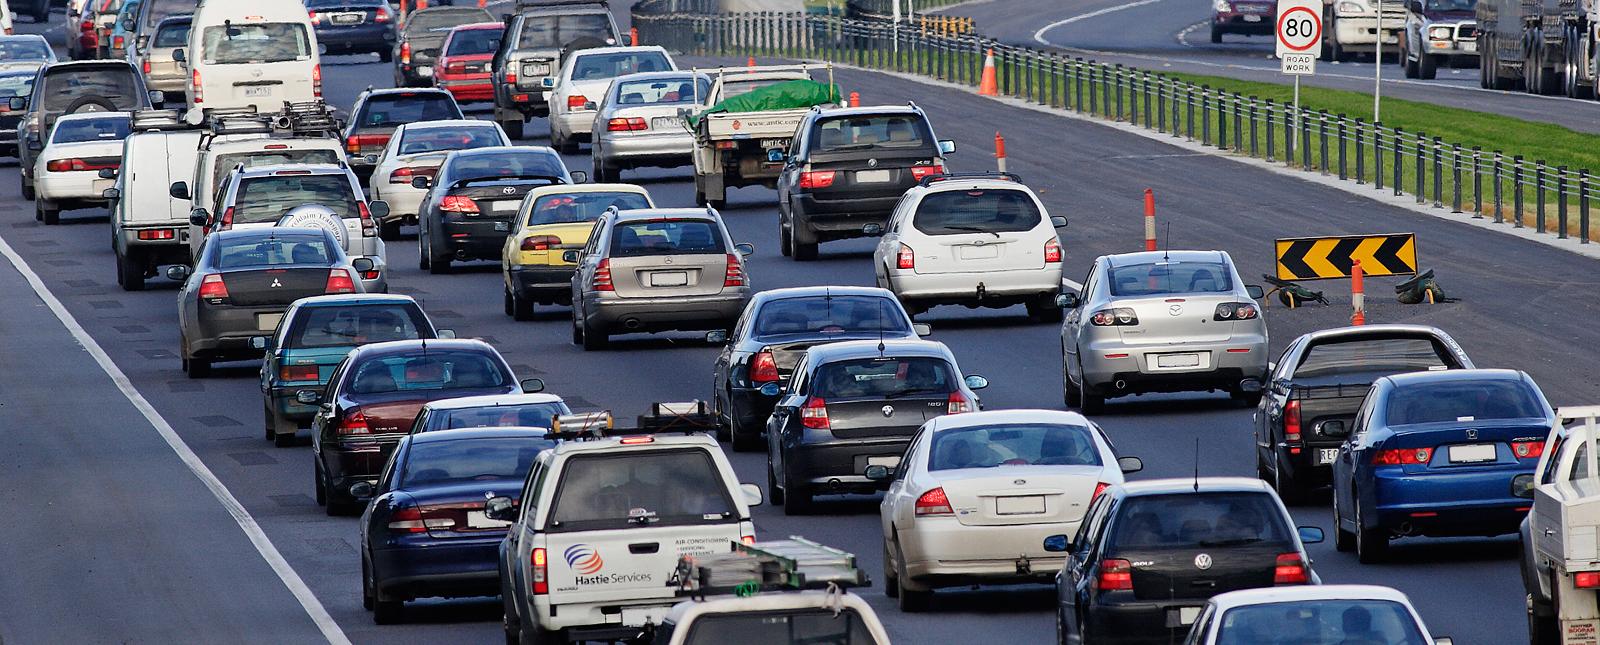 10 bin araç daha trafiğe çıktı!